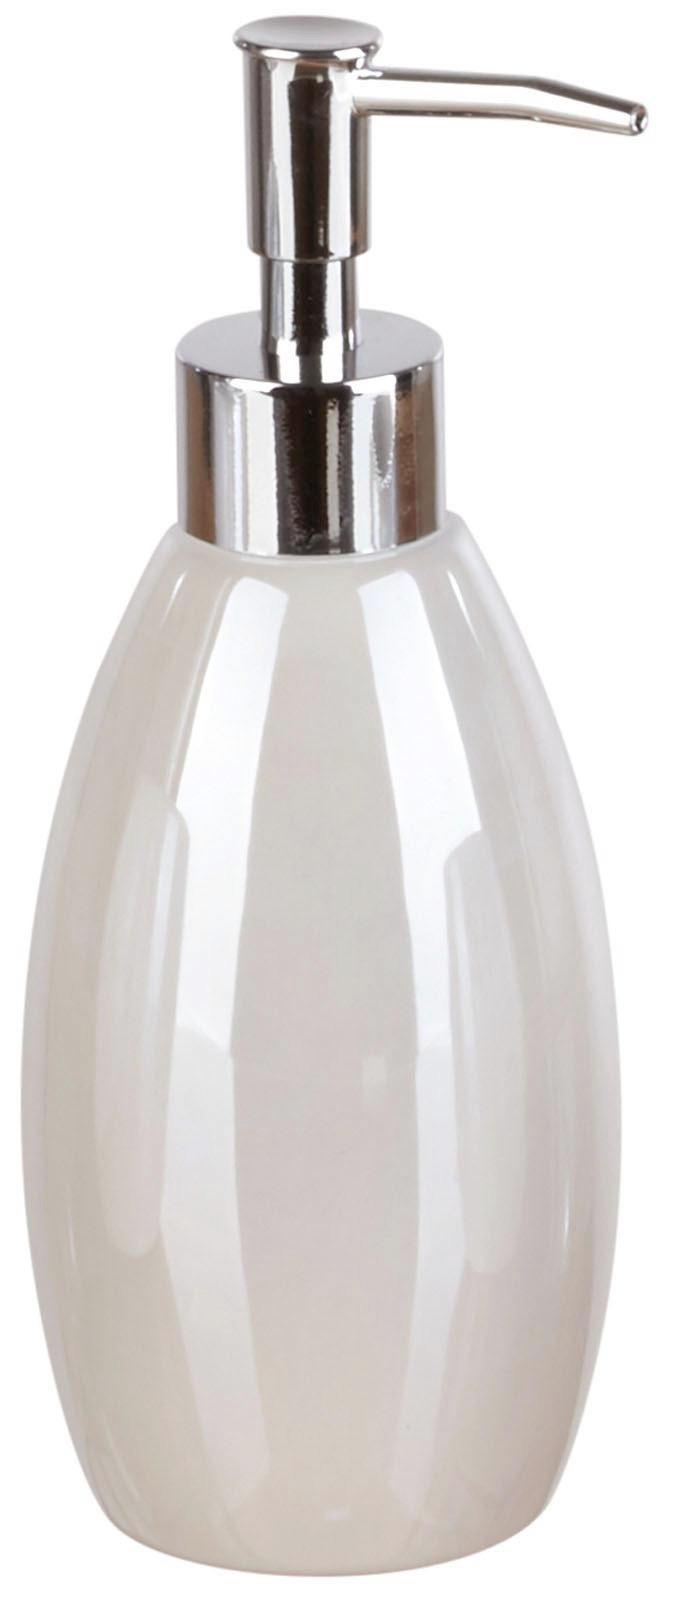 DÁVKOVAČ MÝDLA - bílá, Basics, keramika (7,4/19cm)